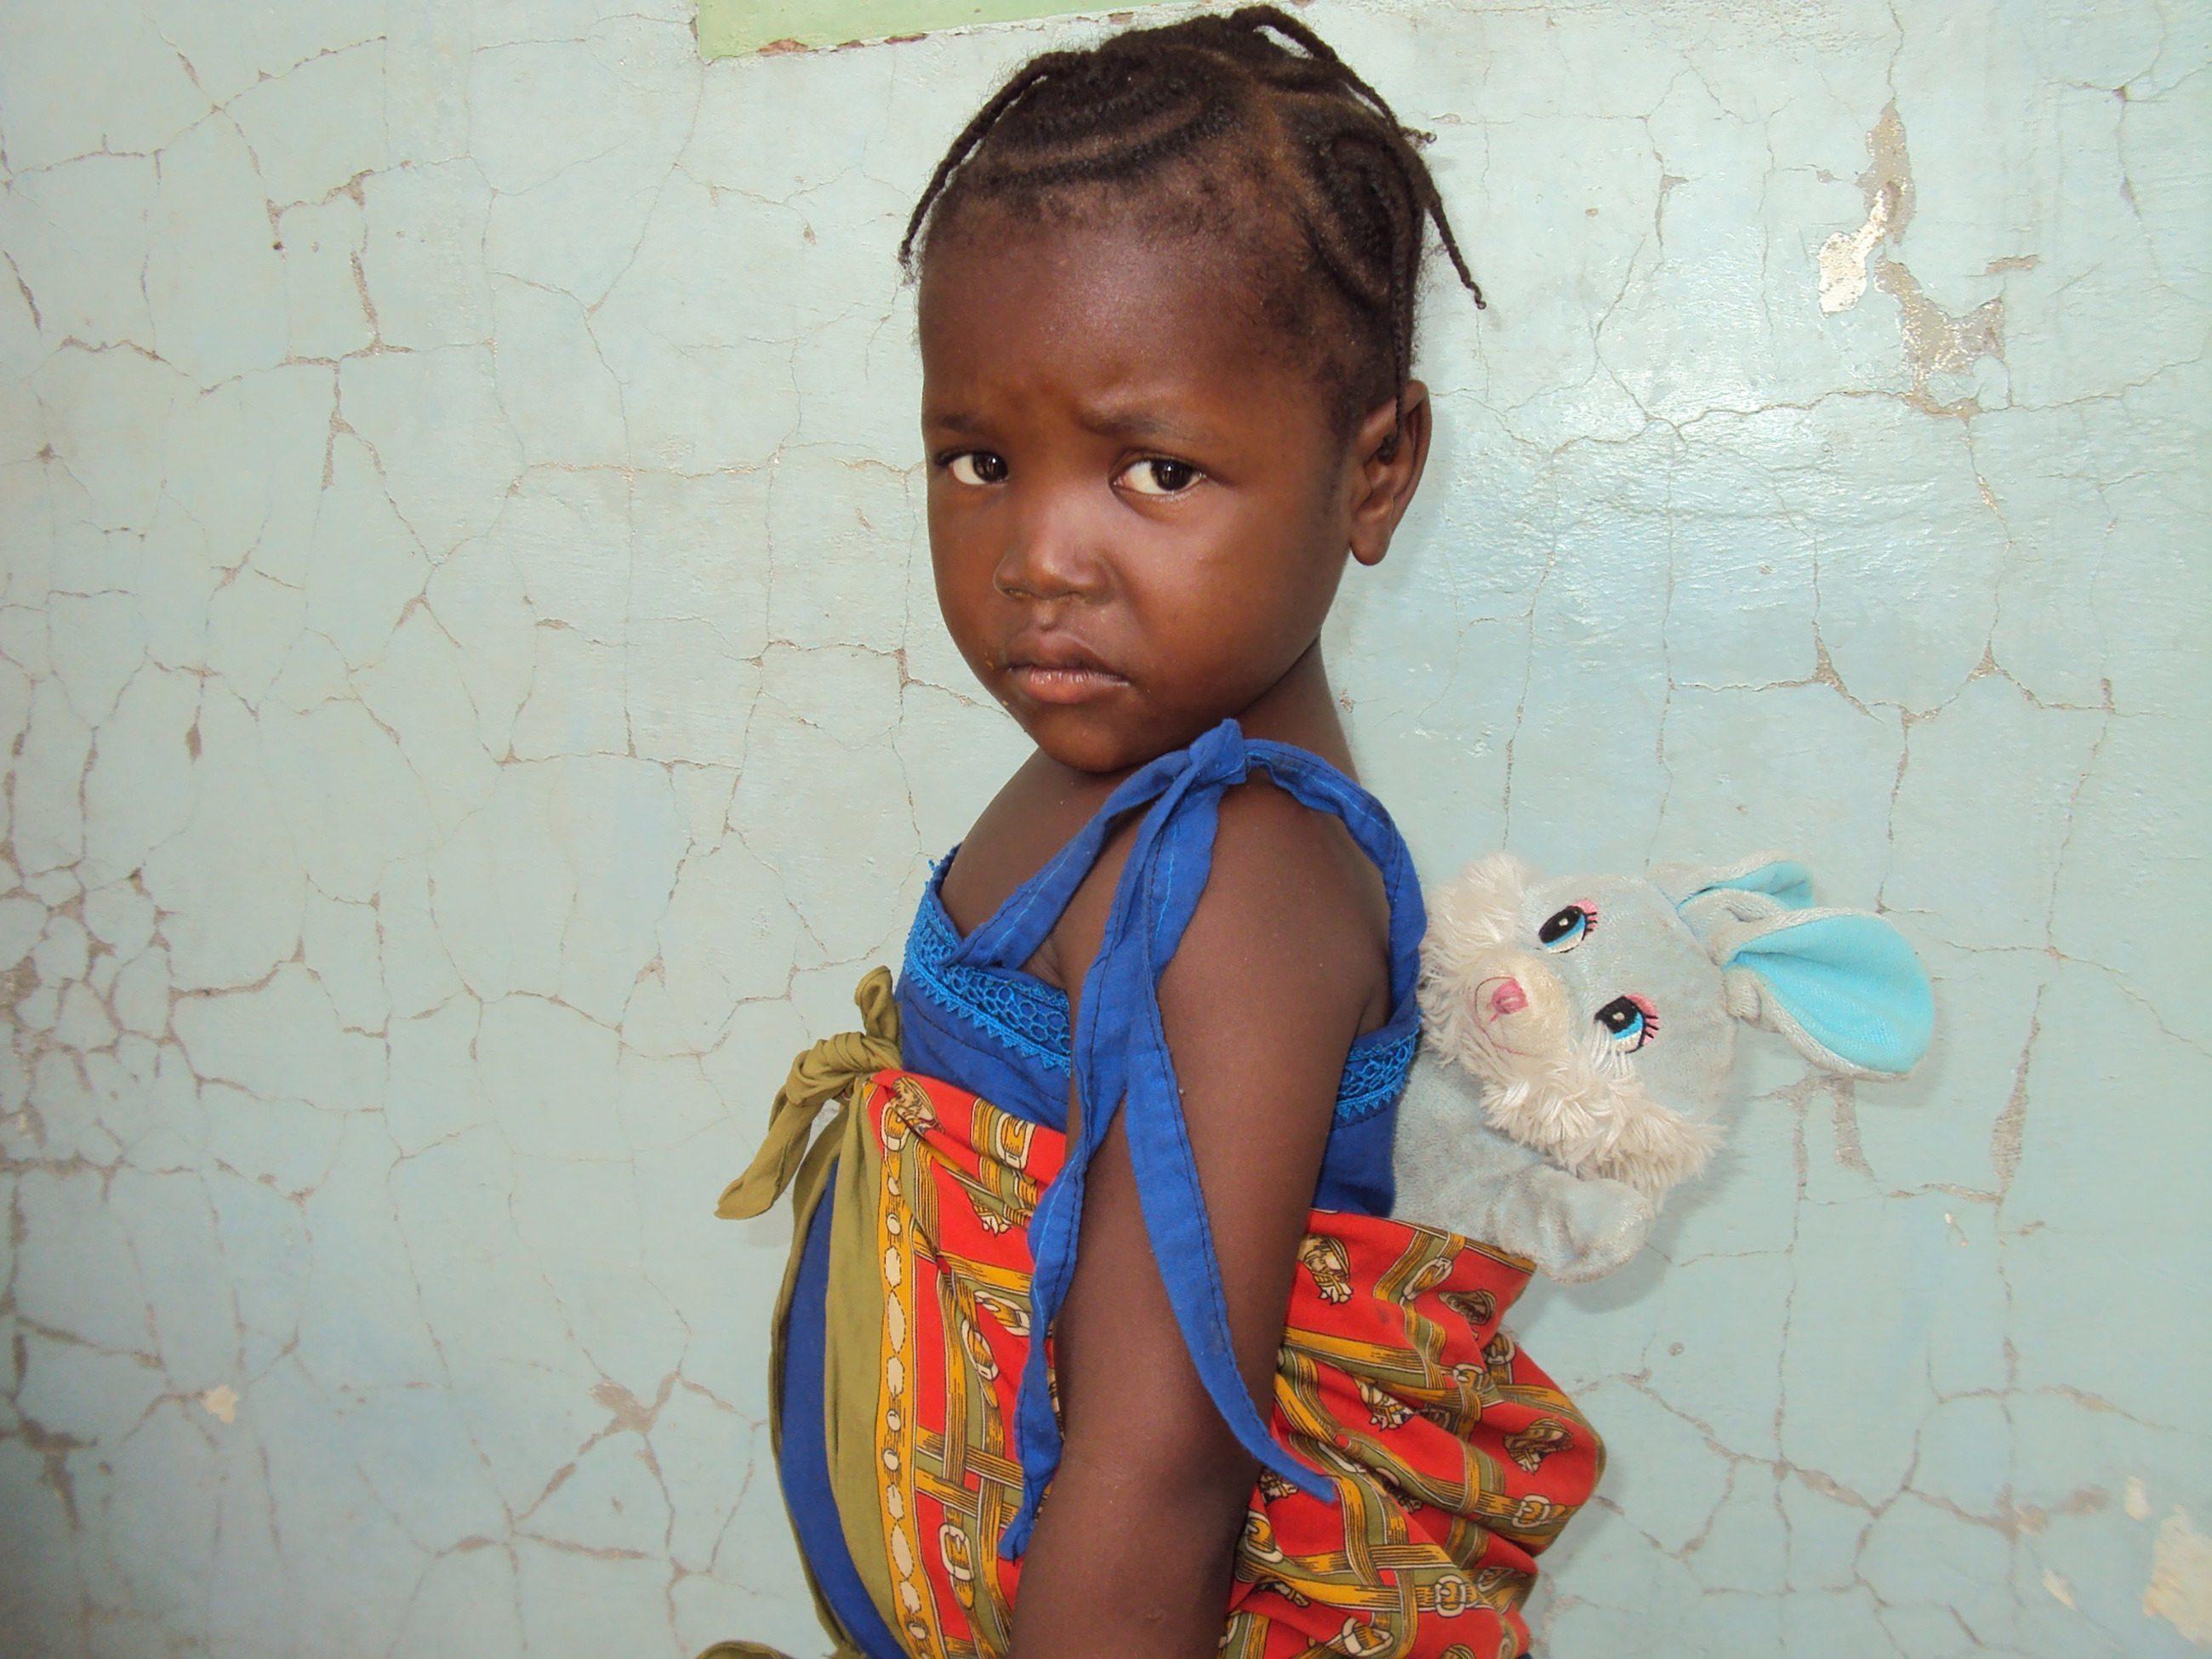 Kleines afrikanisches Mädchen mit einem Stofftier im Rucksack auf ihrem Rücken schaut traurig.